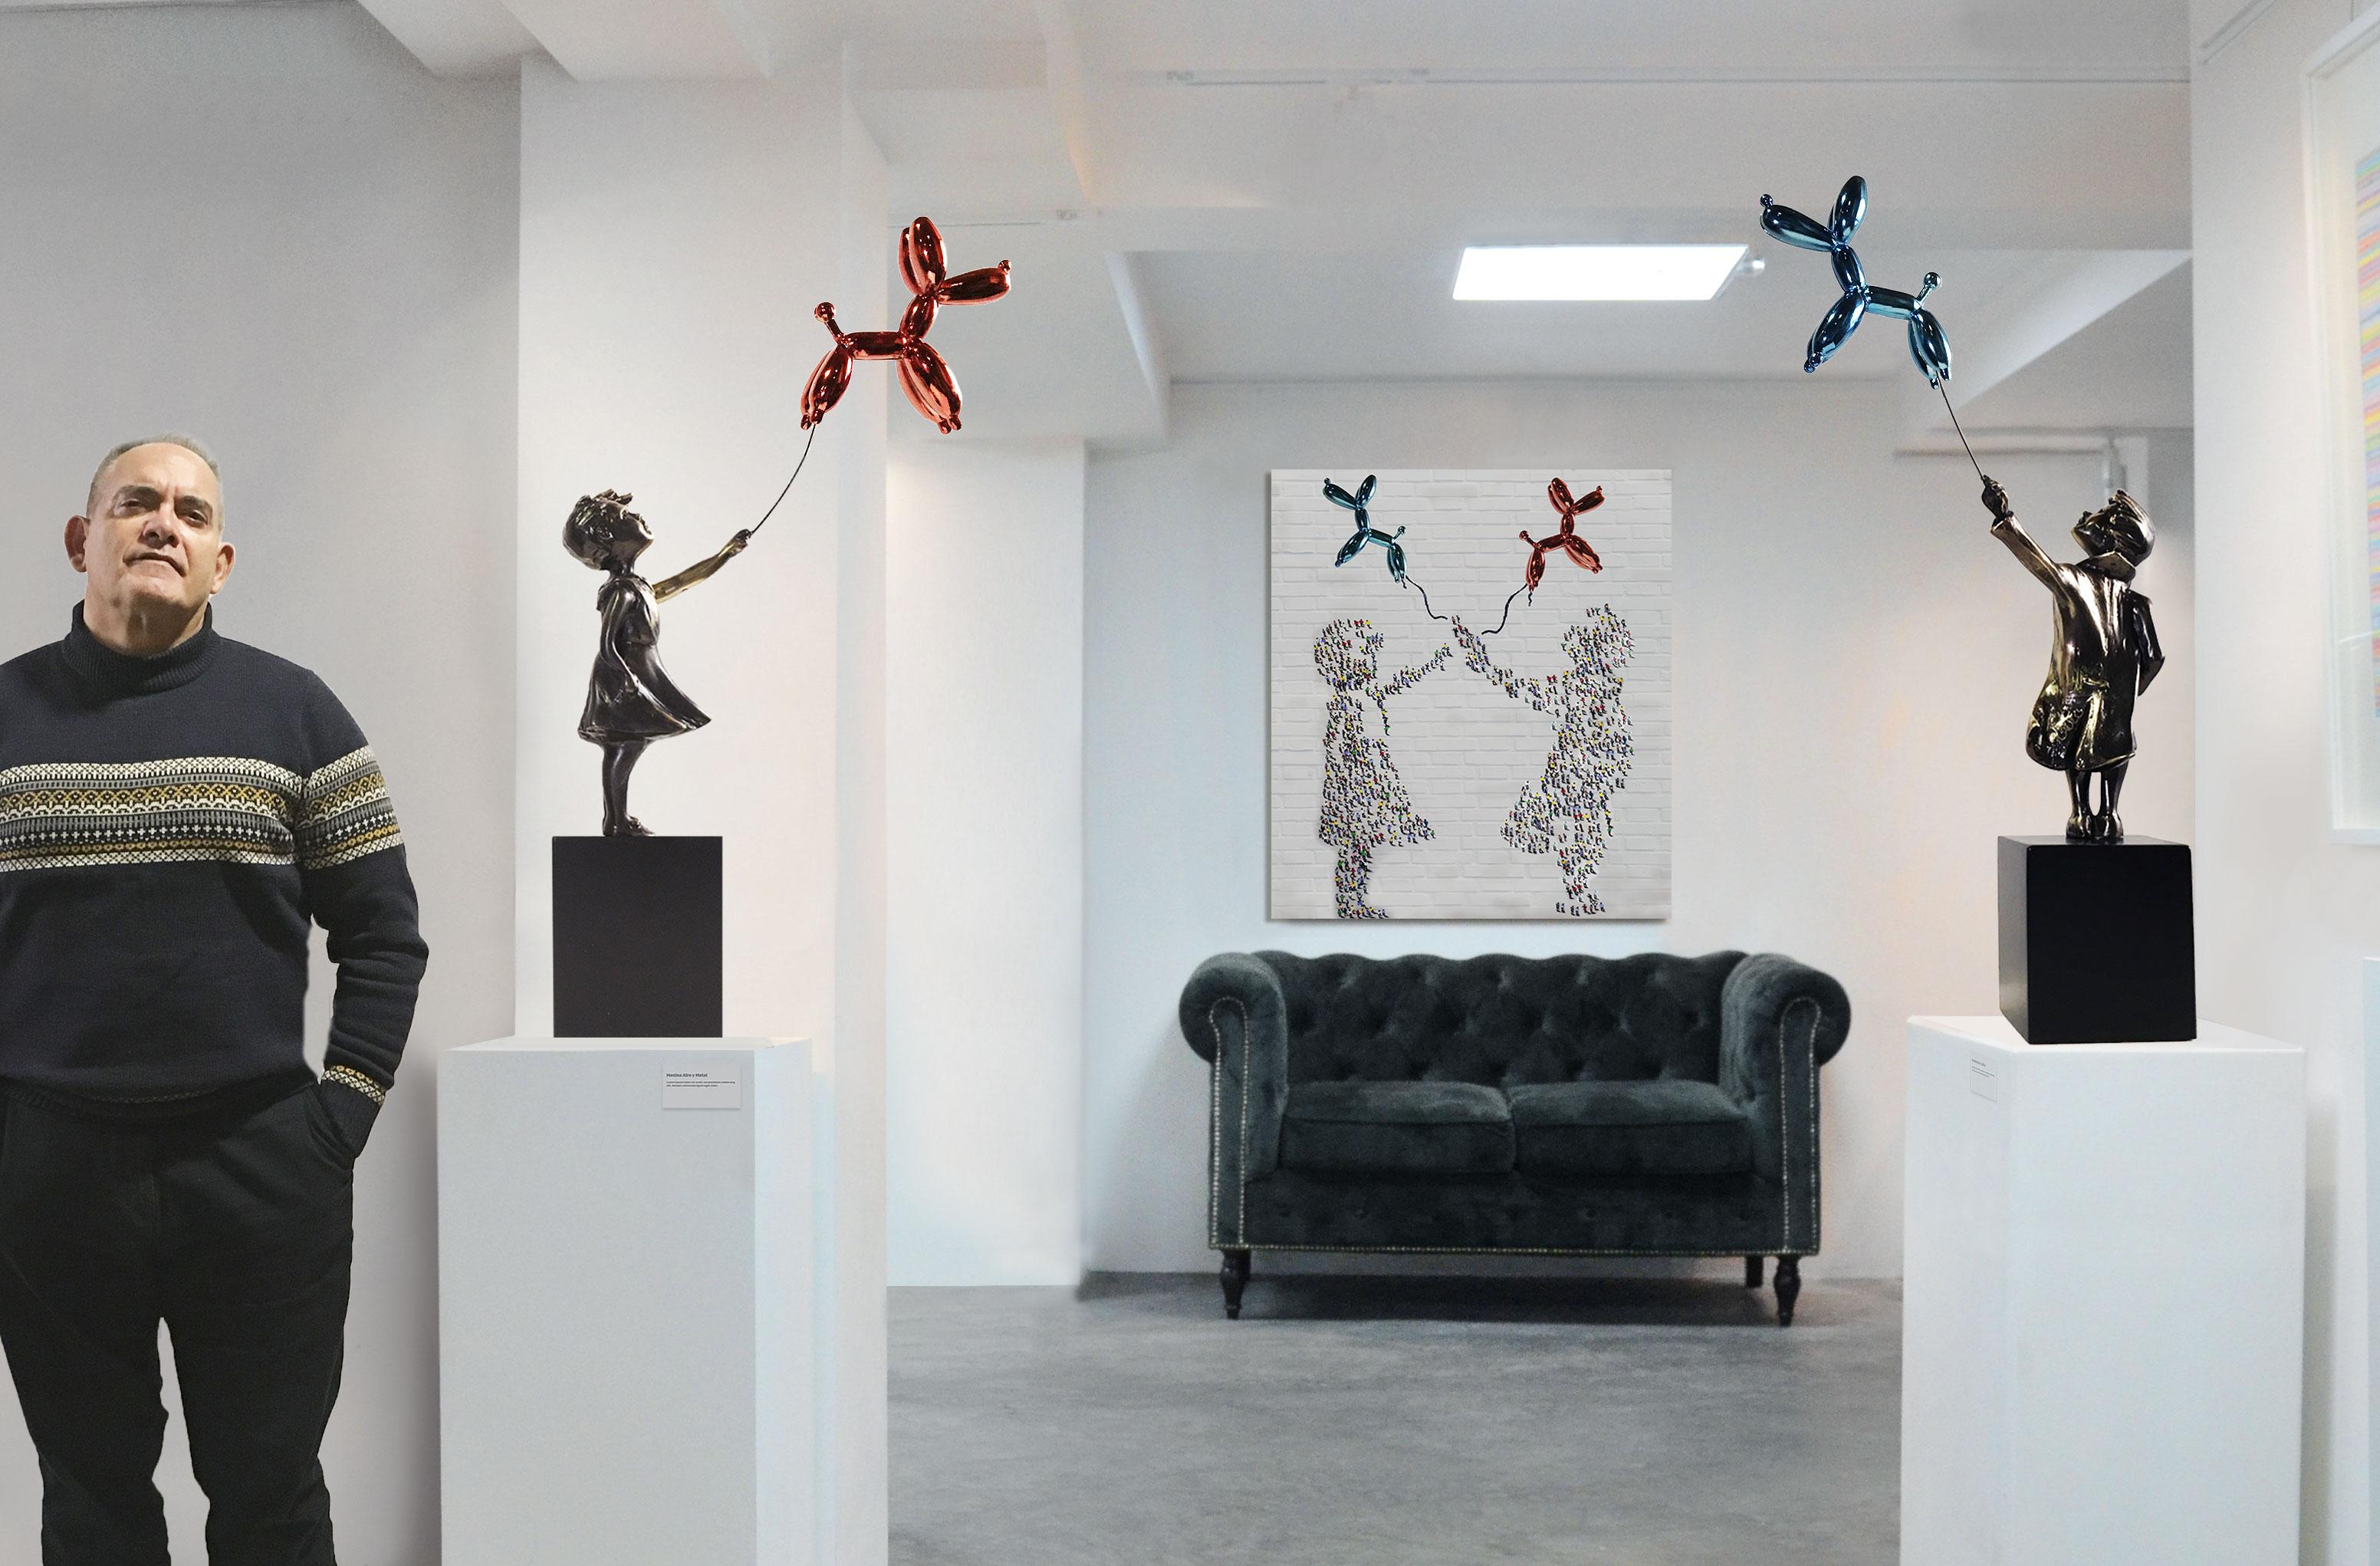 Por petición de muchos coleccionistas, por fin expuse mi niño y niña con globo grande en esta galería en Madrid.